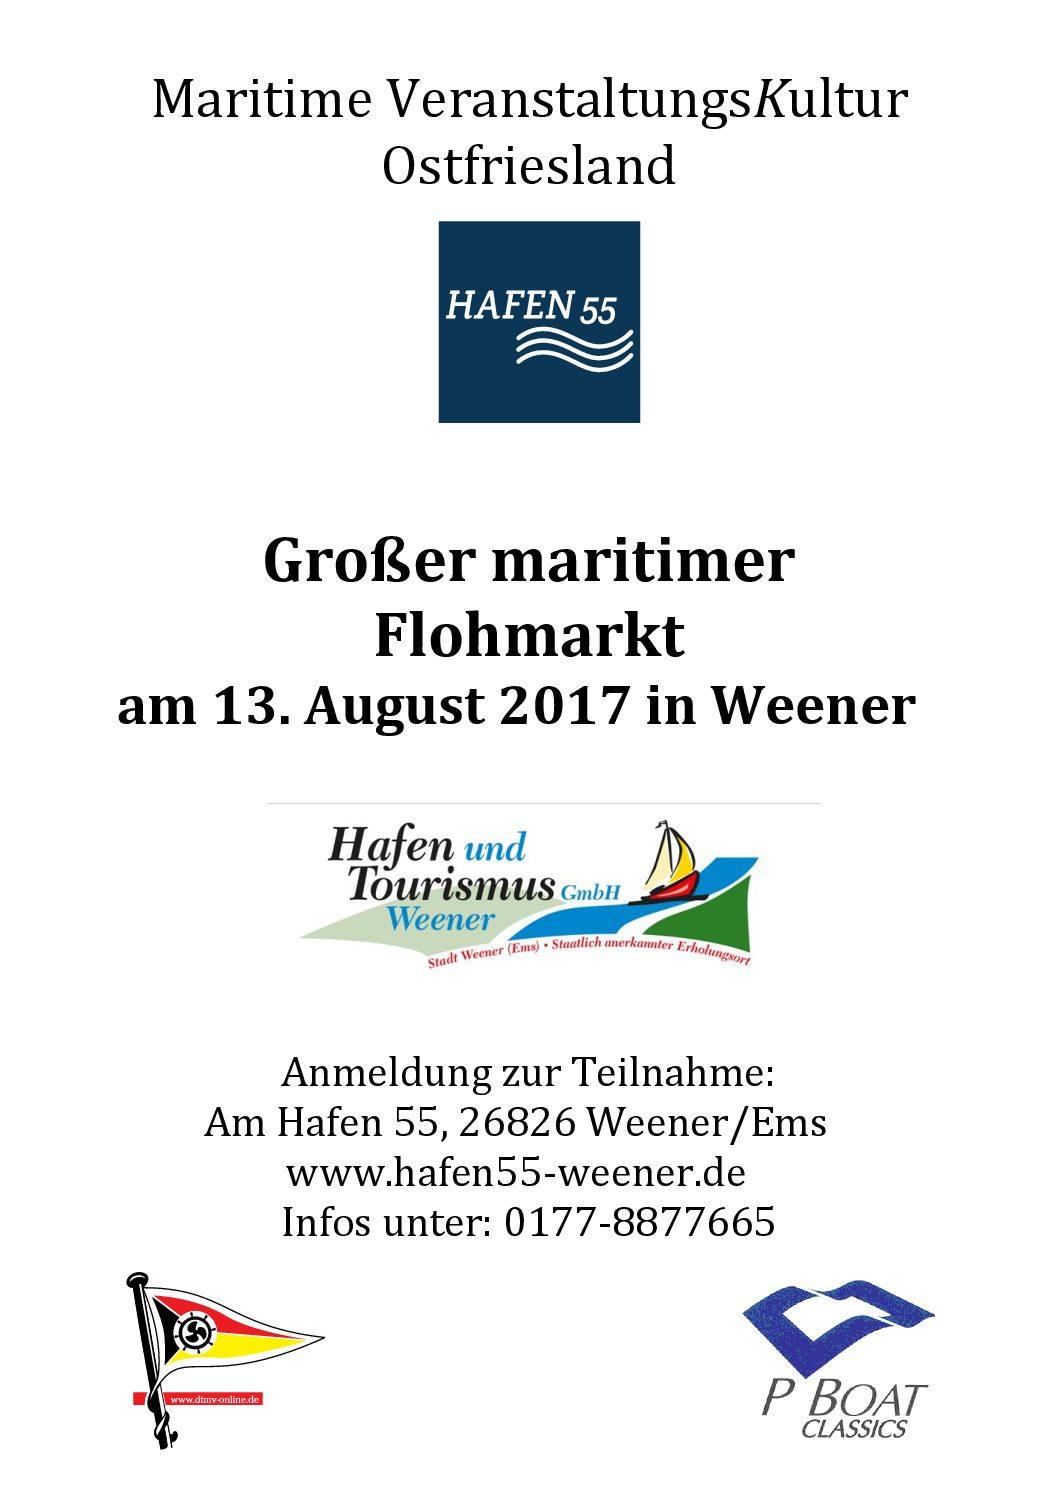 Traditionsschiffstreffen und maritimer Flohmarkt als Abschlussveranstaltung